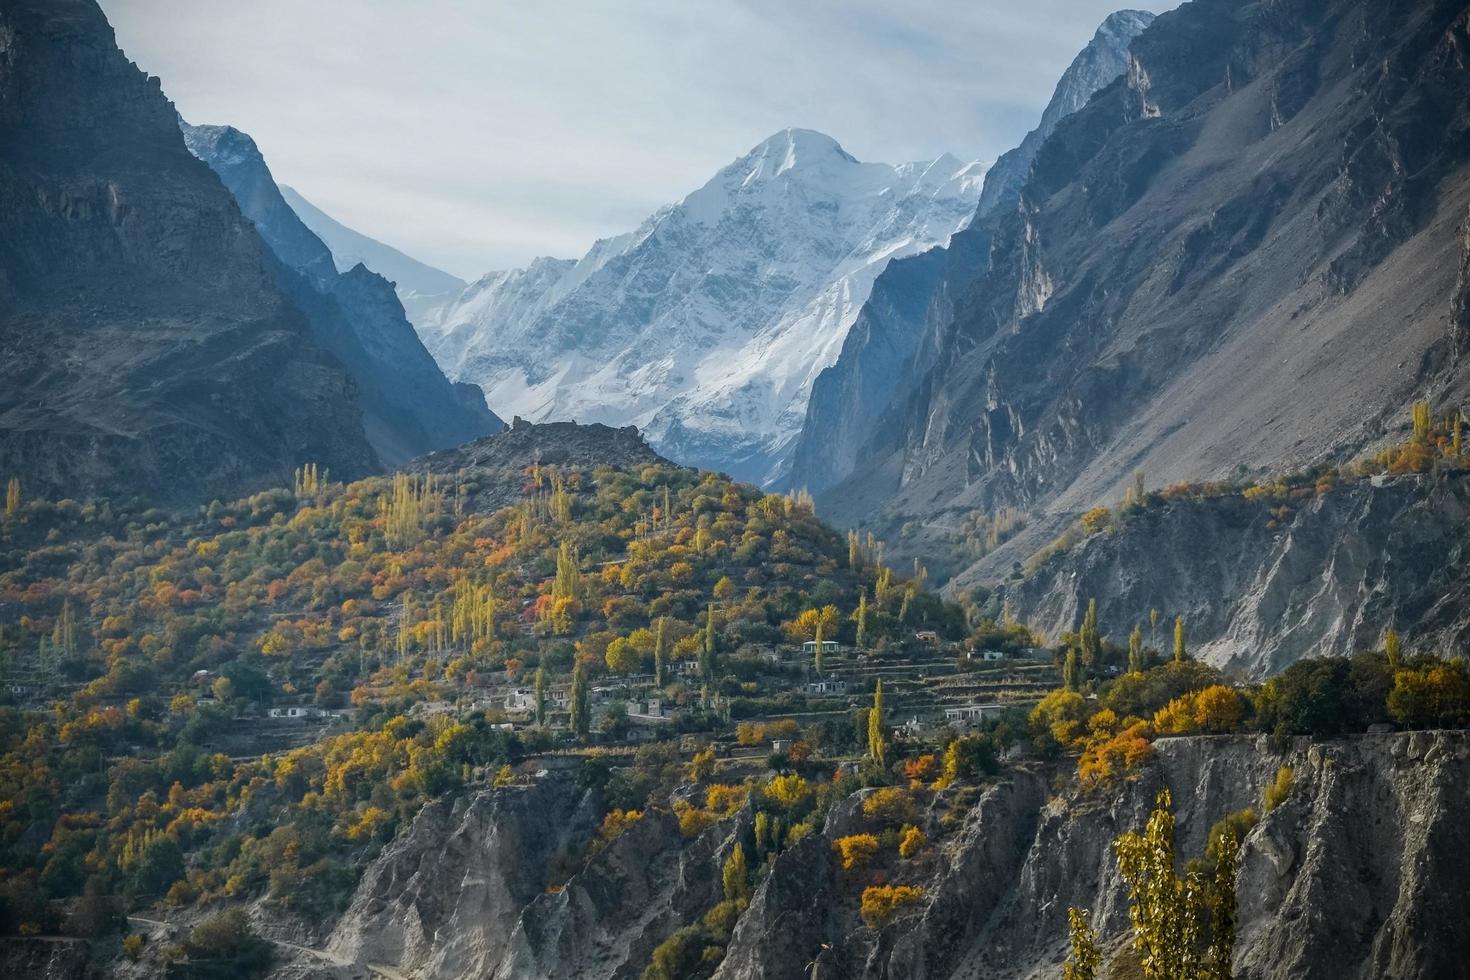 Chaîne de montagnes du Karakoram dans la vallée de Nagar, au Pakistan photo